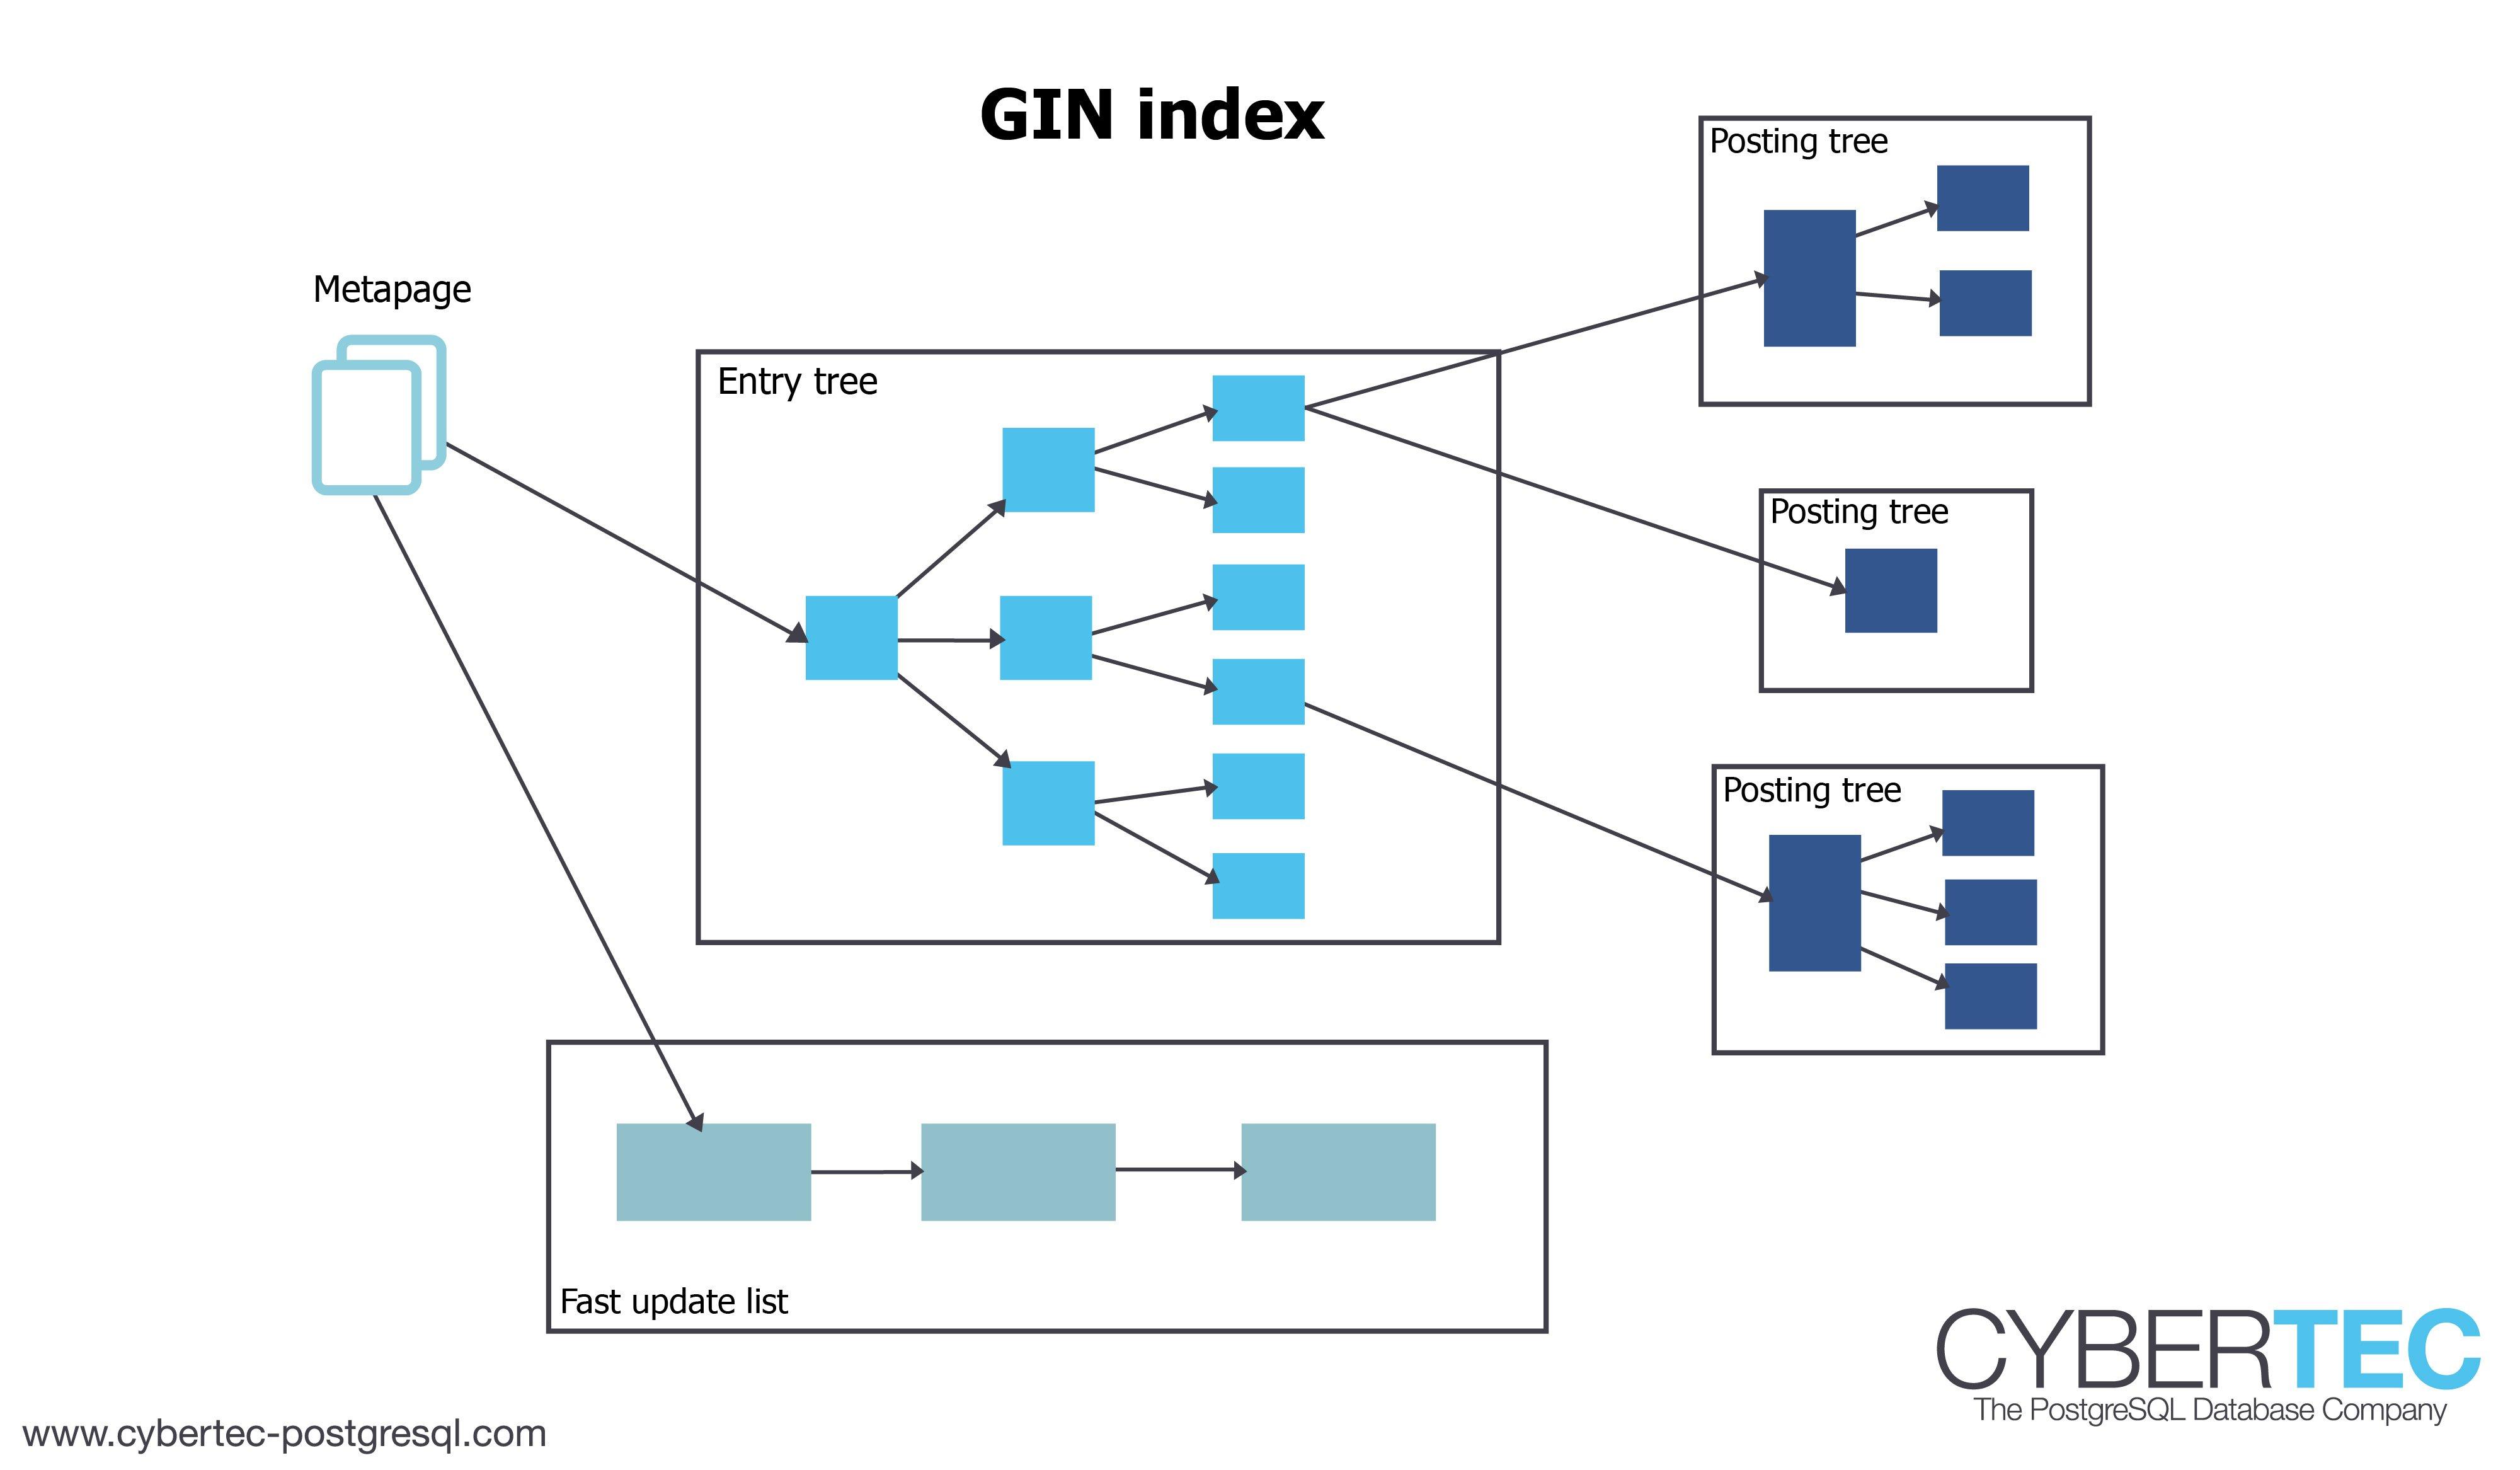 gin index full-text-search vacuum postgresql